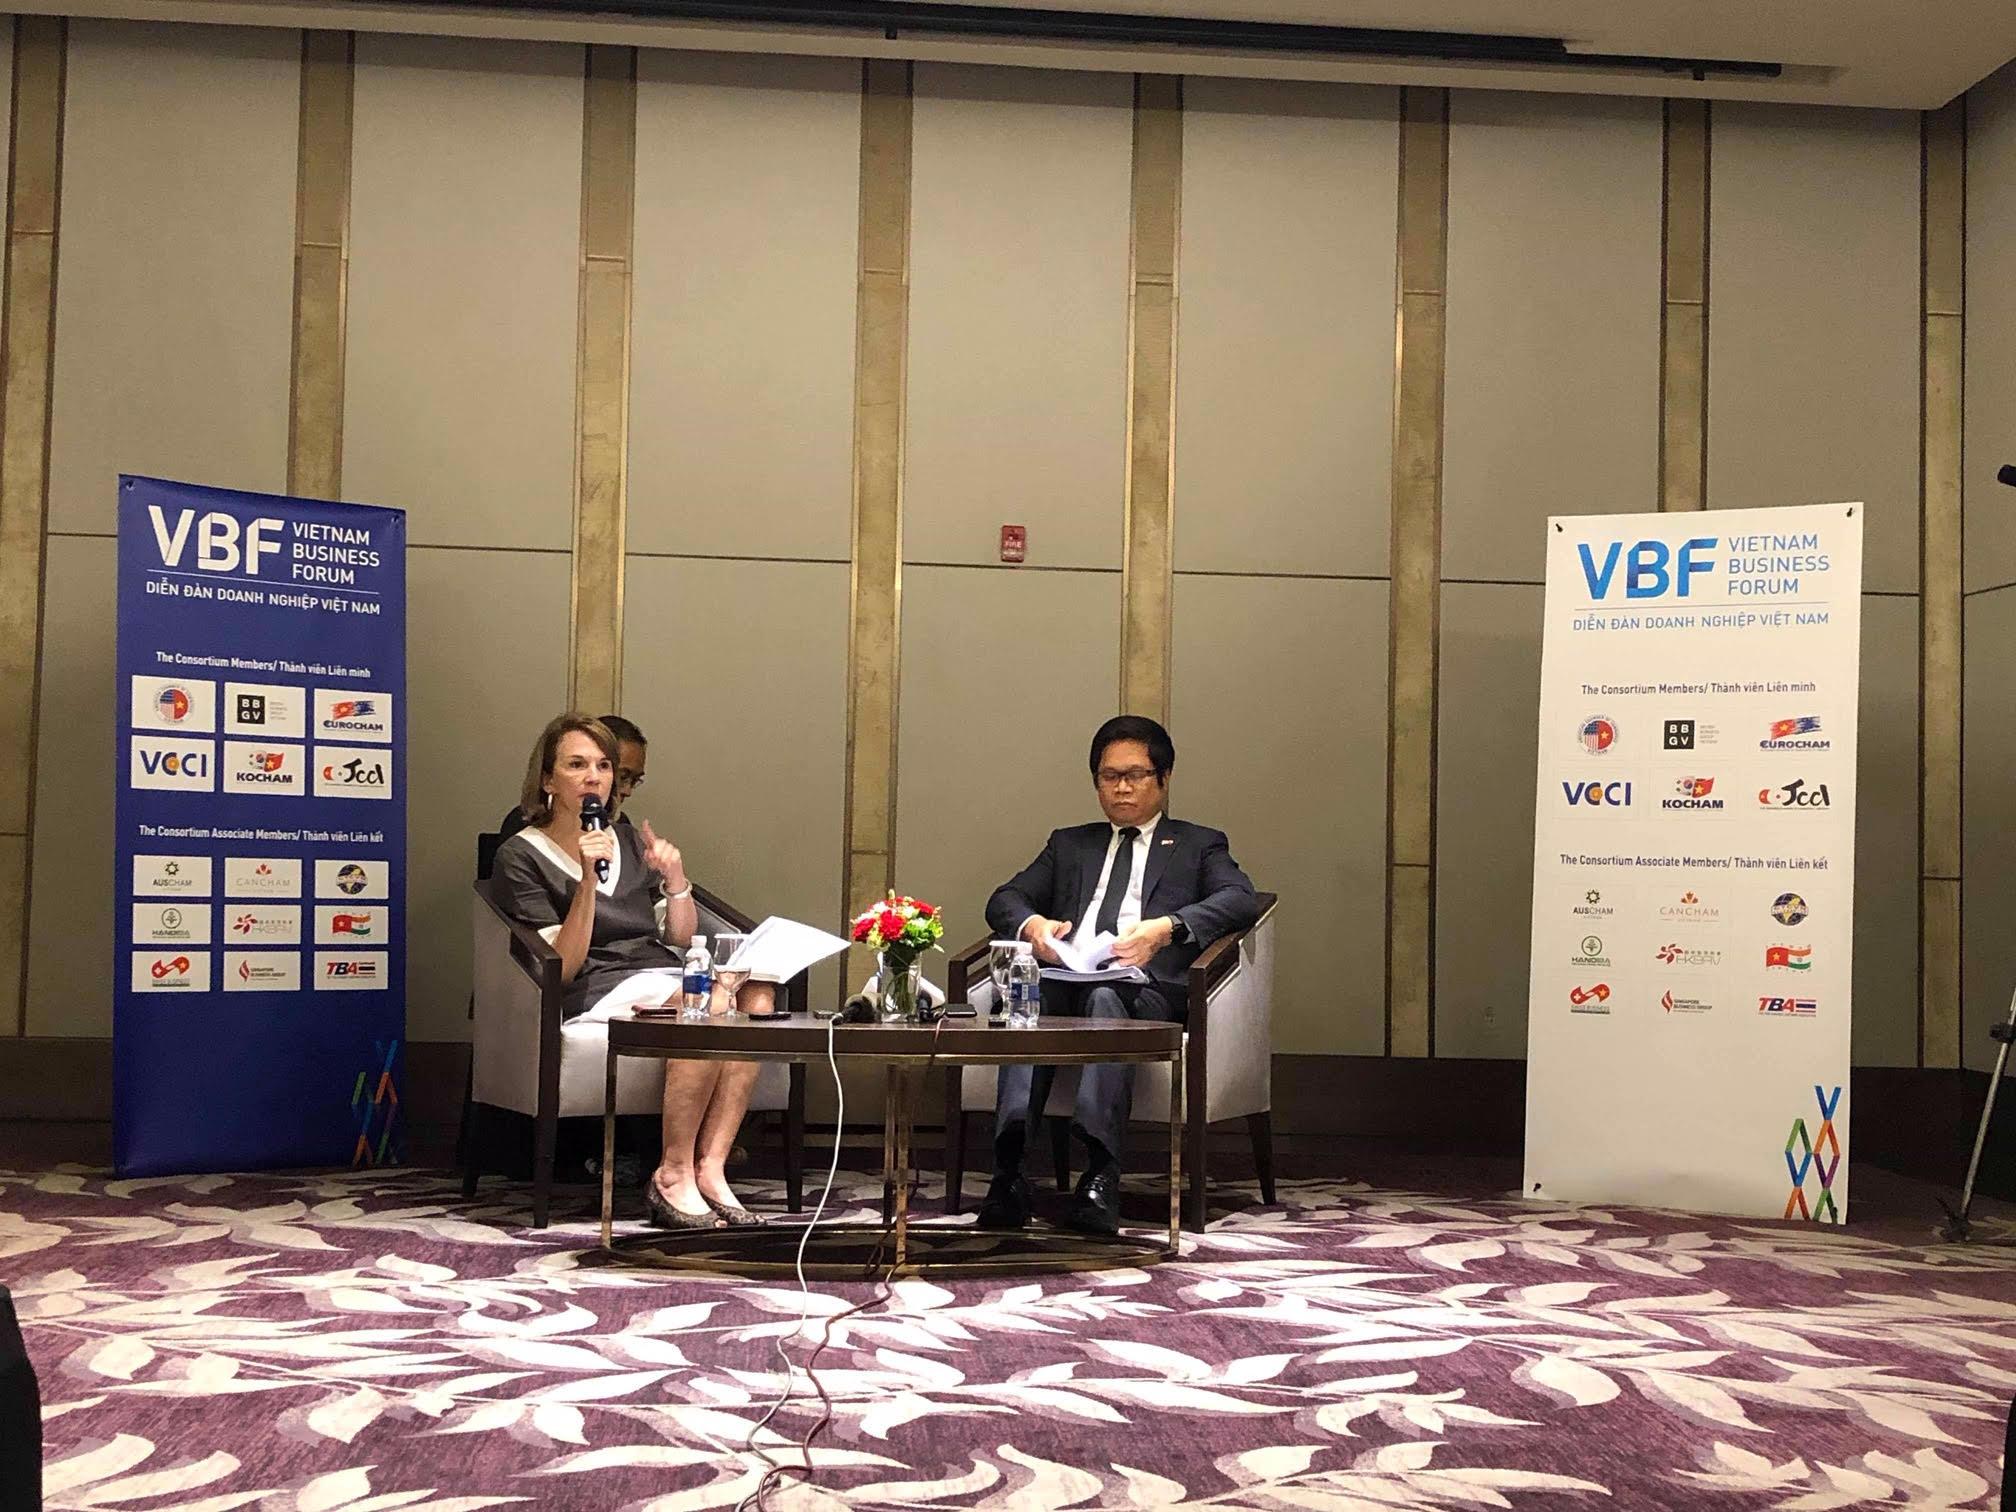 Phát triển bền vững - cơ hội tăng trưởng của doanh nghiệp tư nhân